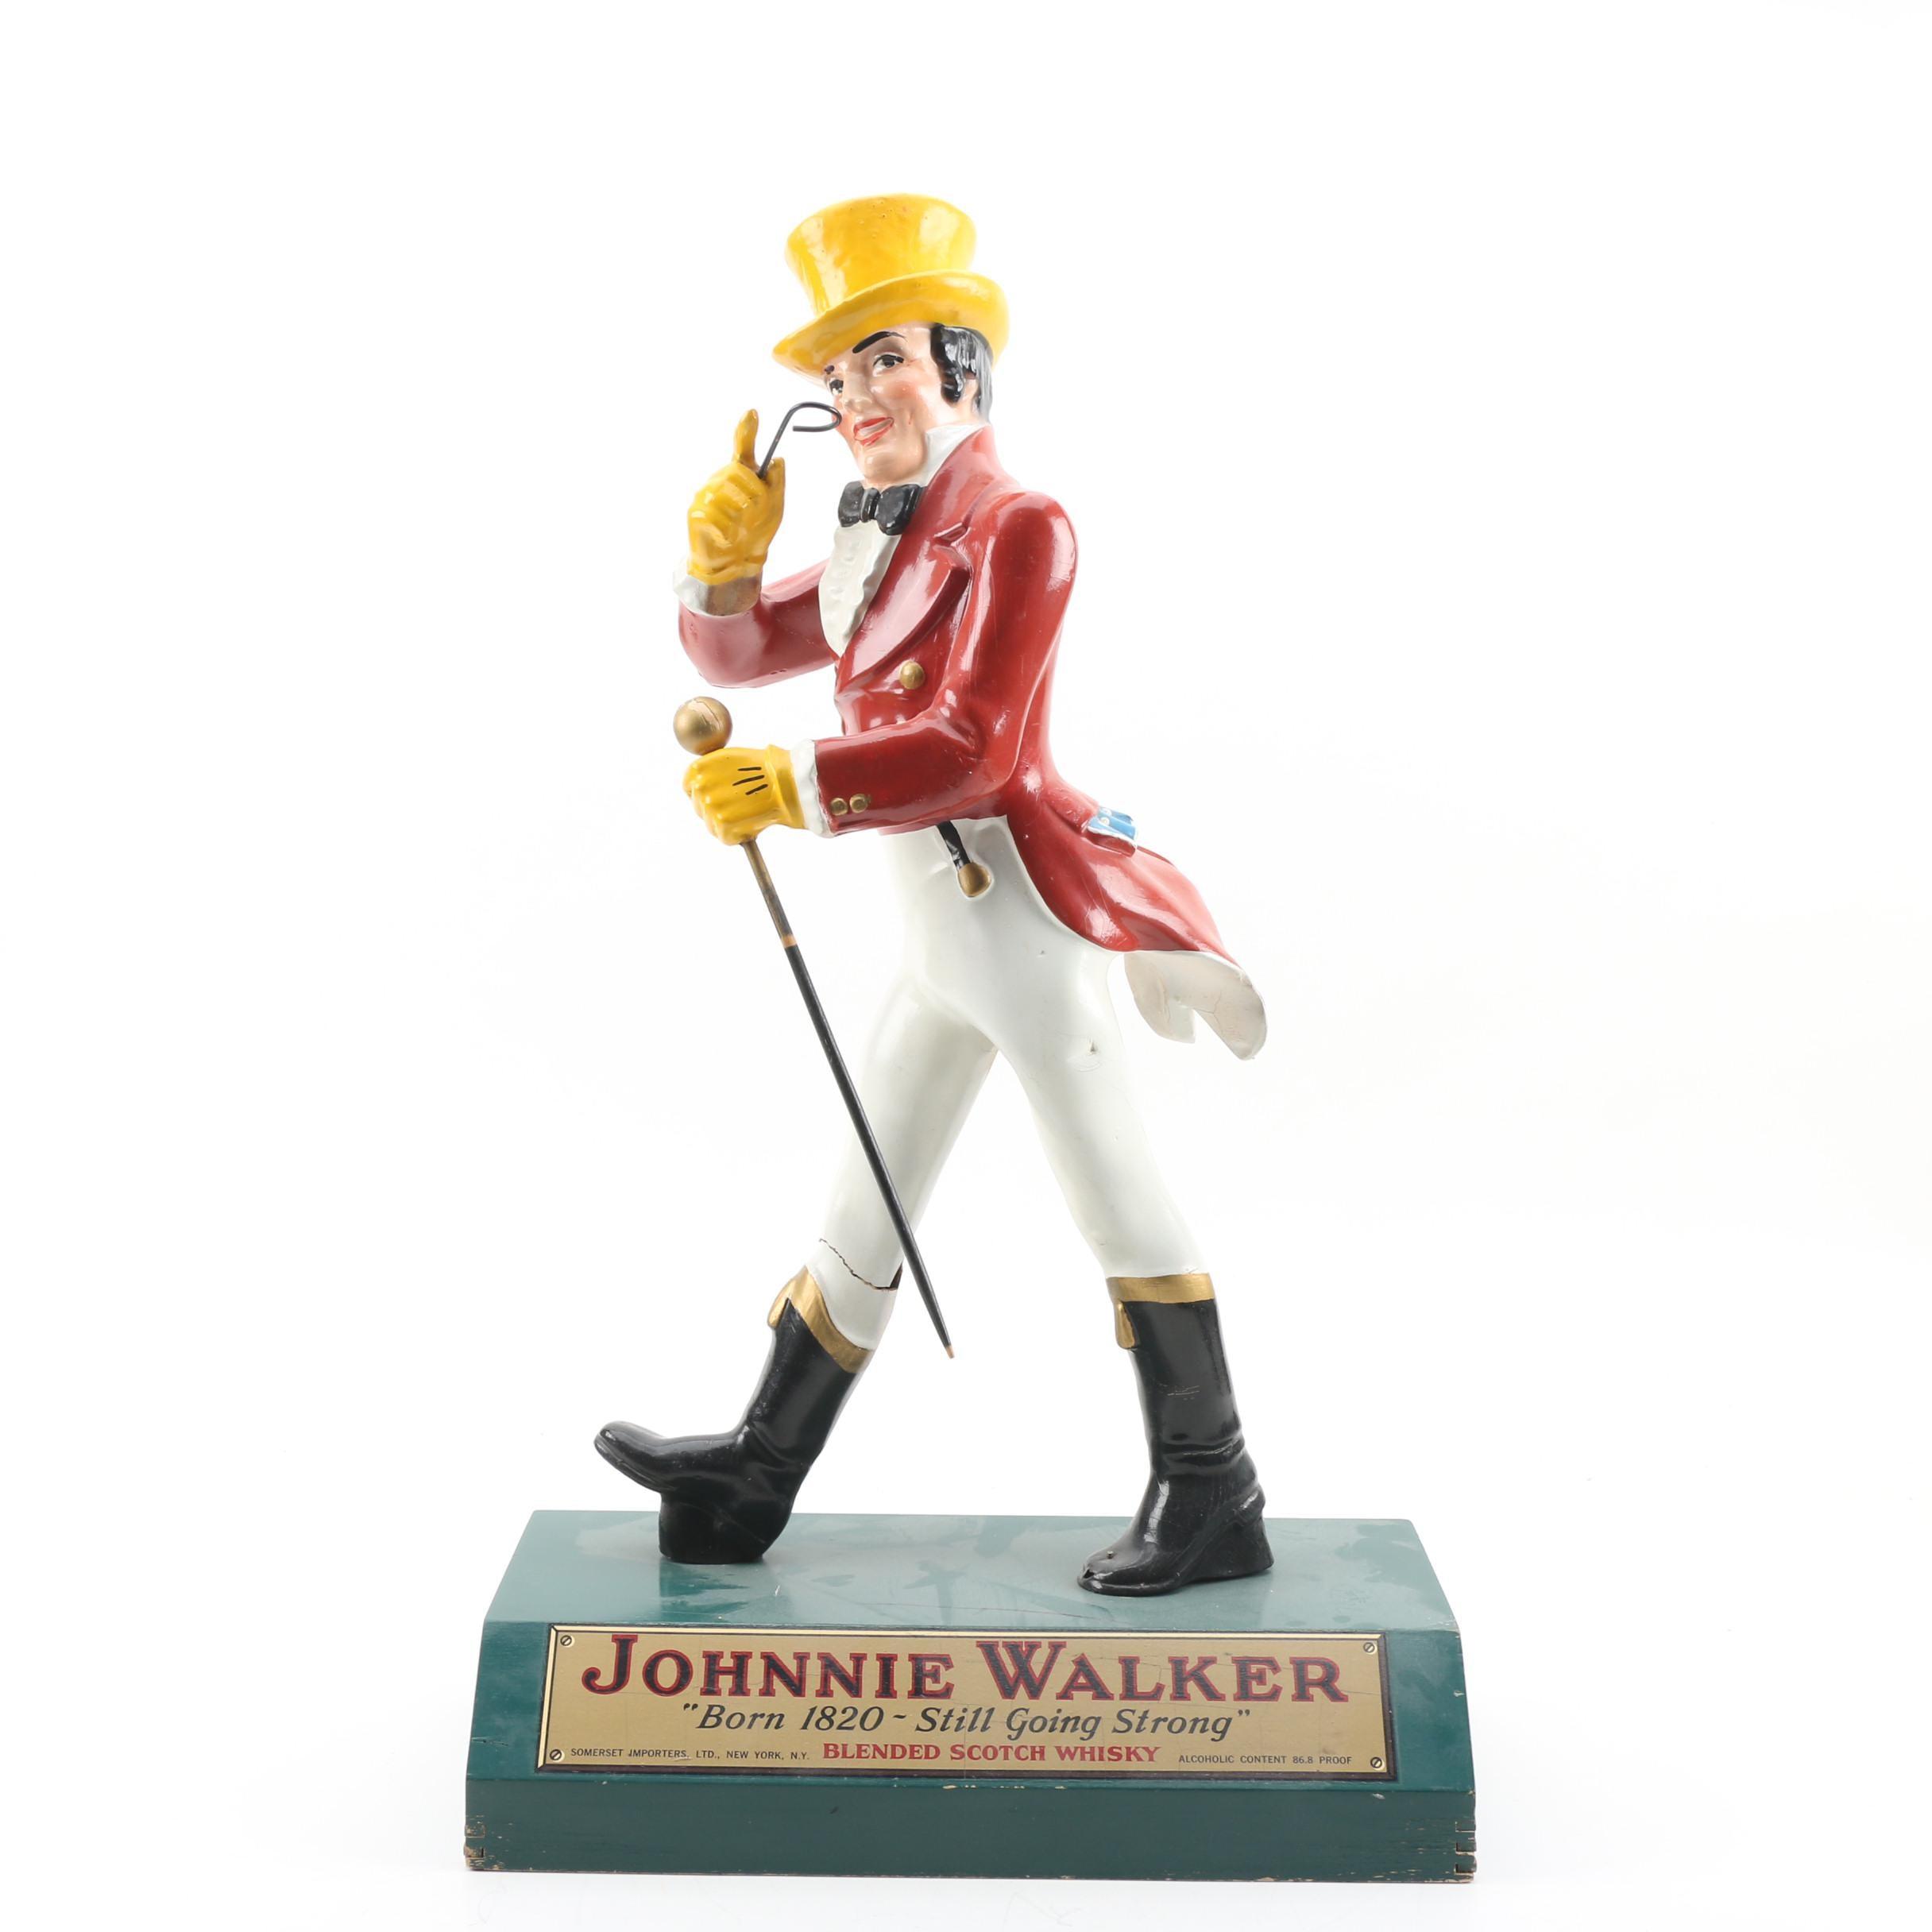 Johnnie Walker Painted Advertising Display